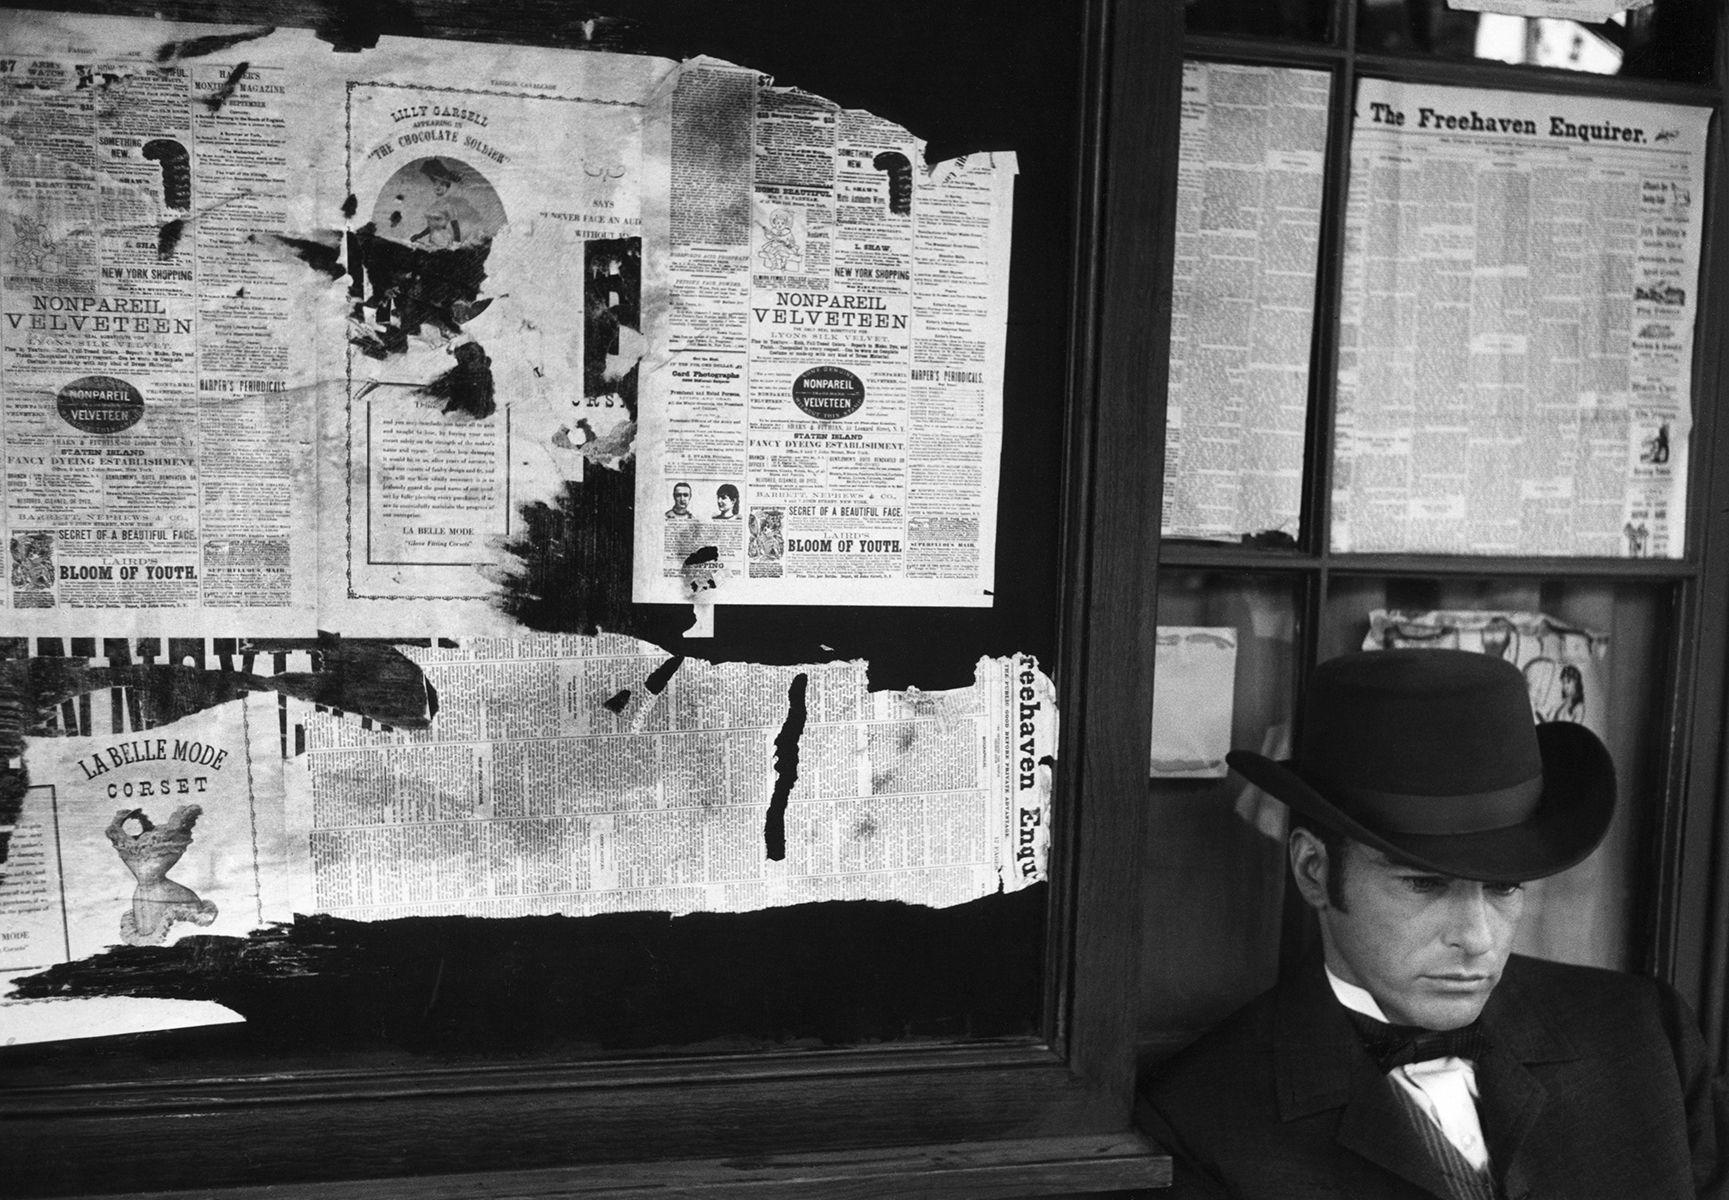 Monty-Clift-bulletin-board